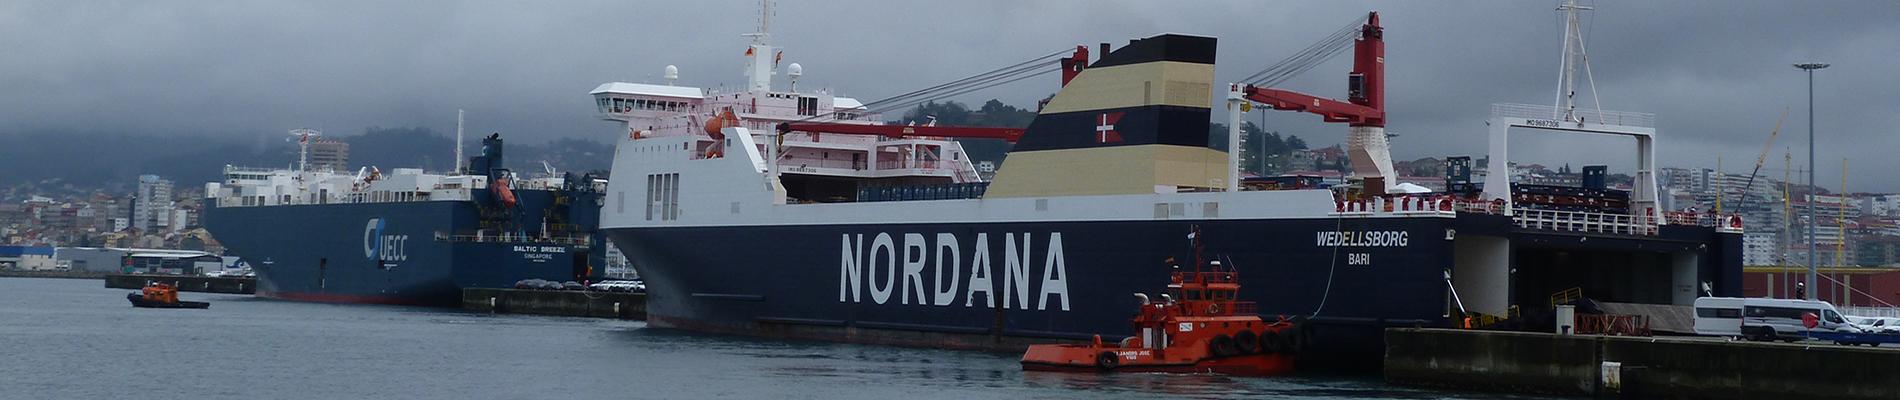 Rexistro de empresas prestadoras de servizos portuarios no Porto de Vigo e sua Ría